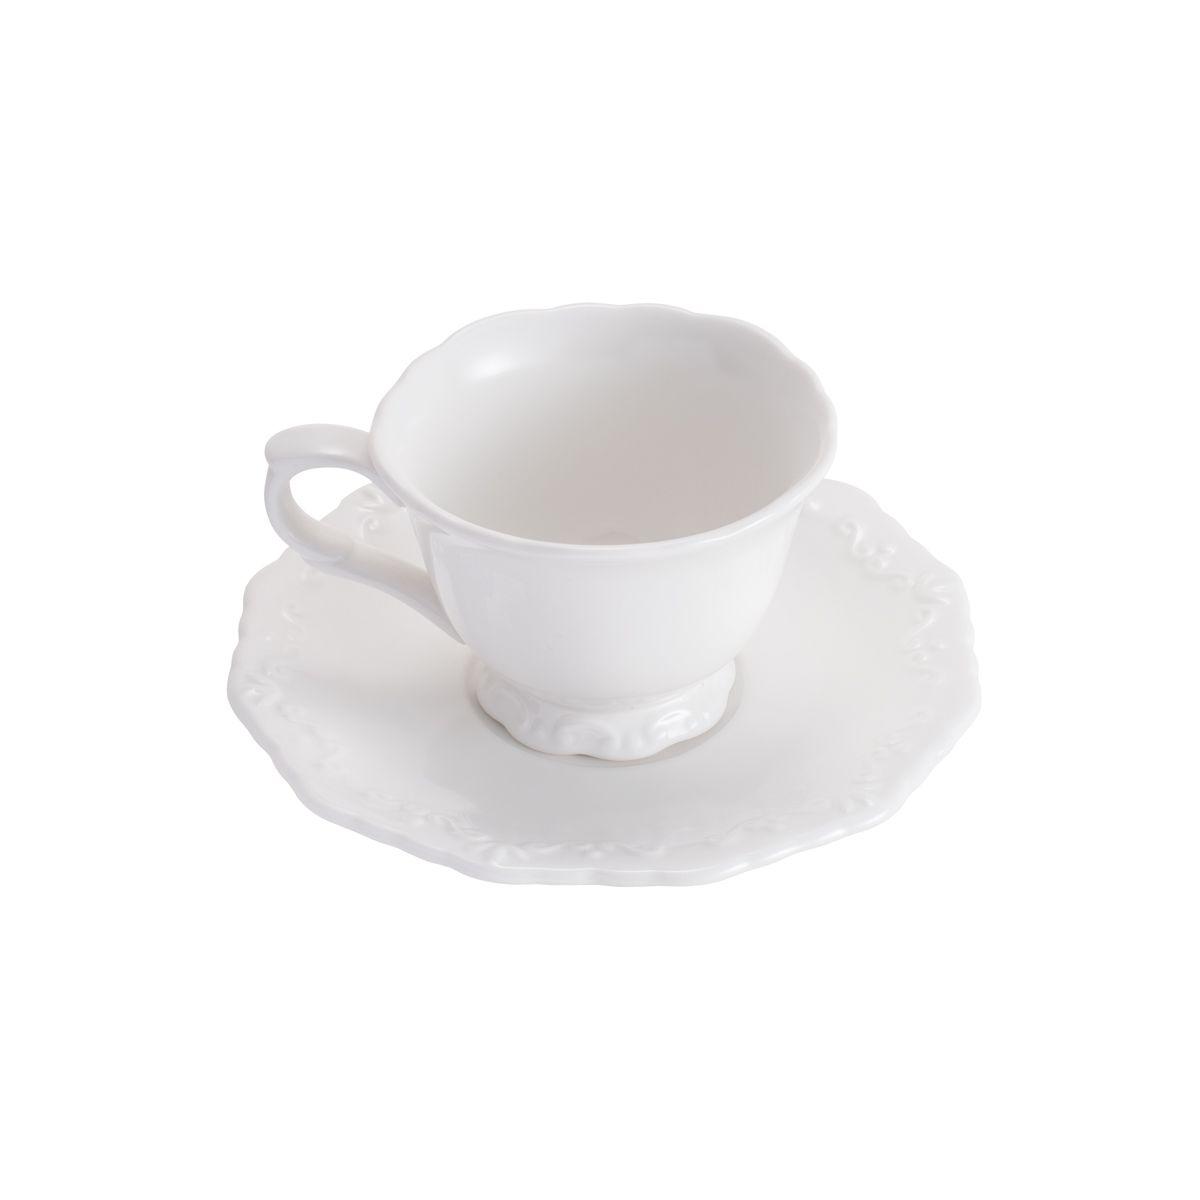 Conjunto 6 Xicaras de Chá com Pires de Porcelana Alto Relevo 200ml